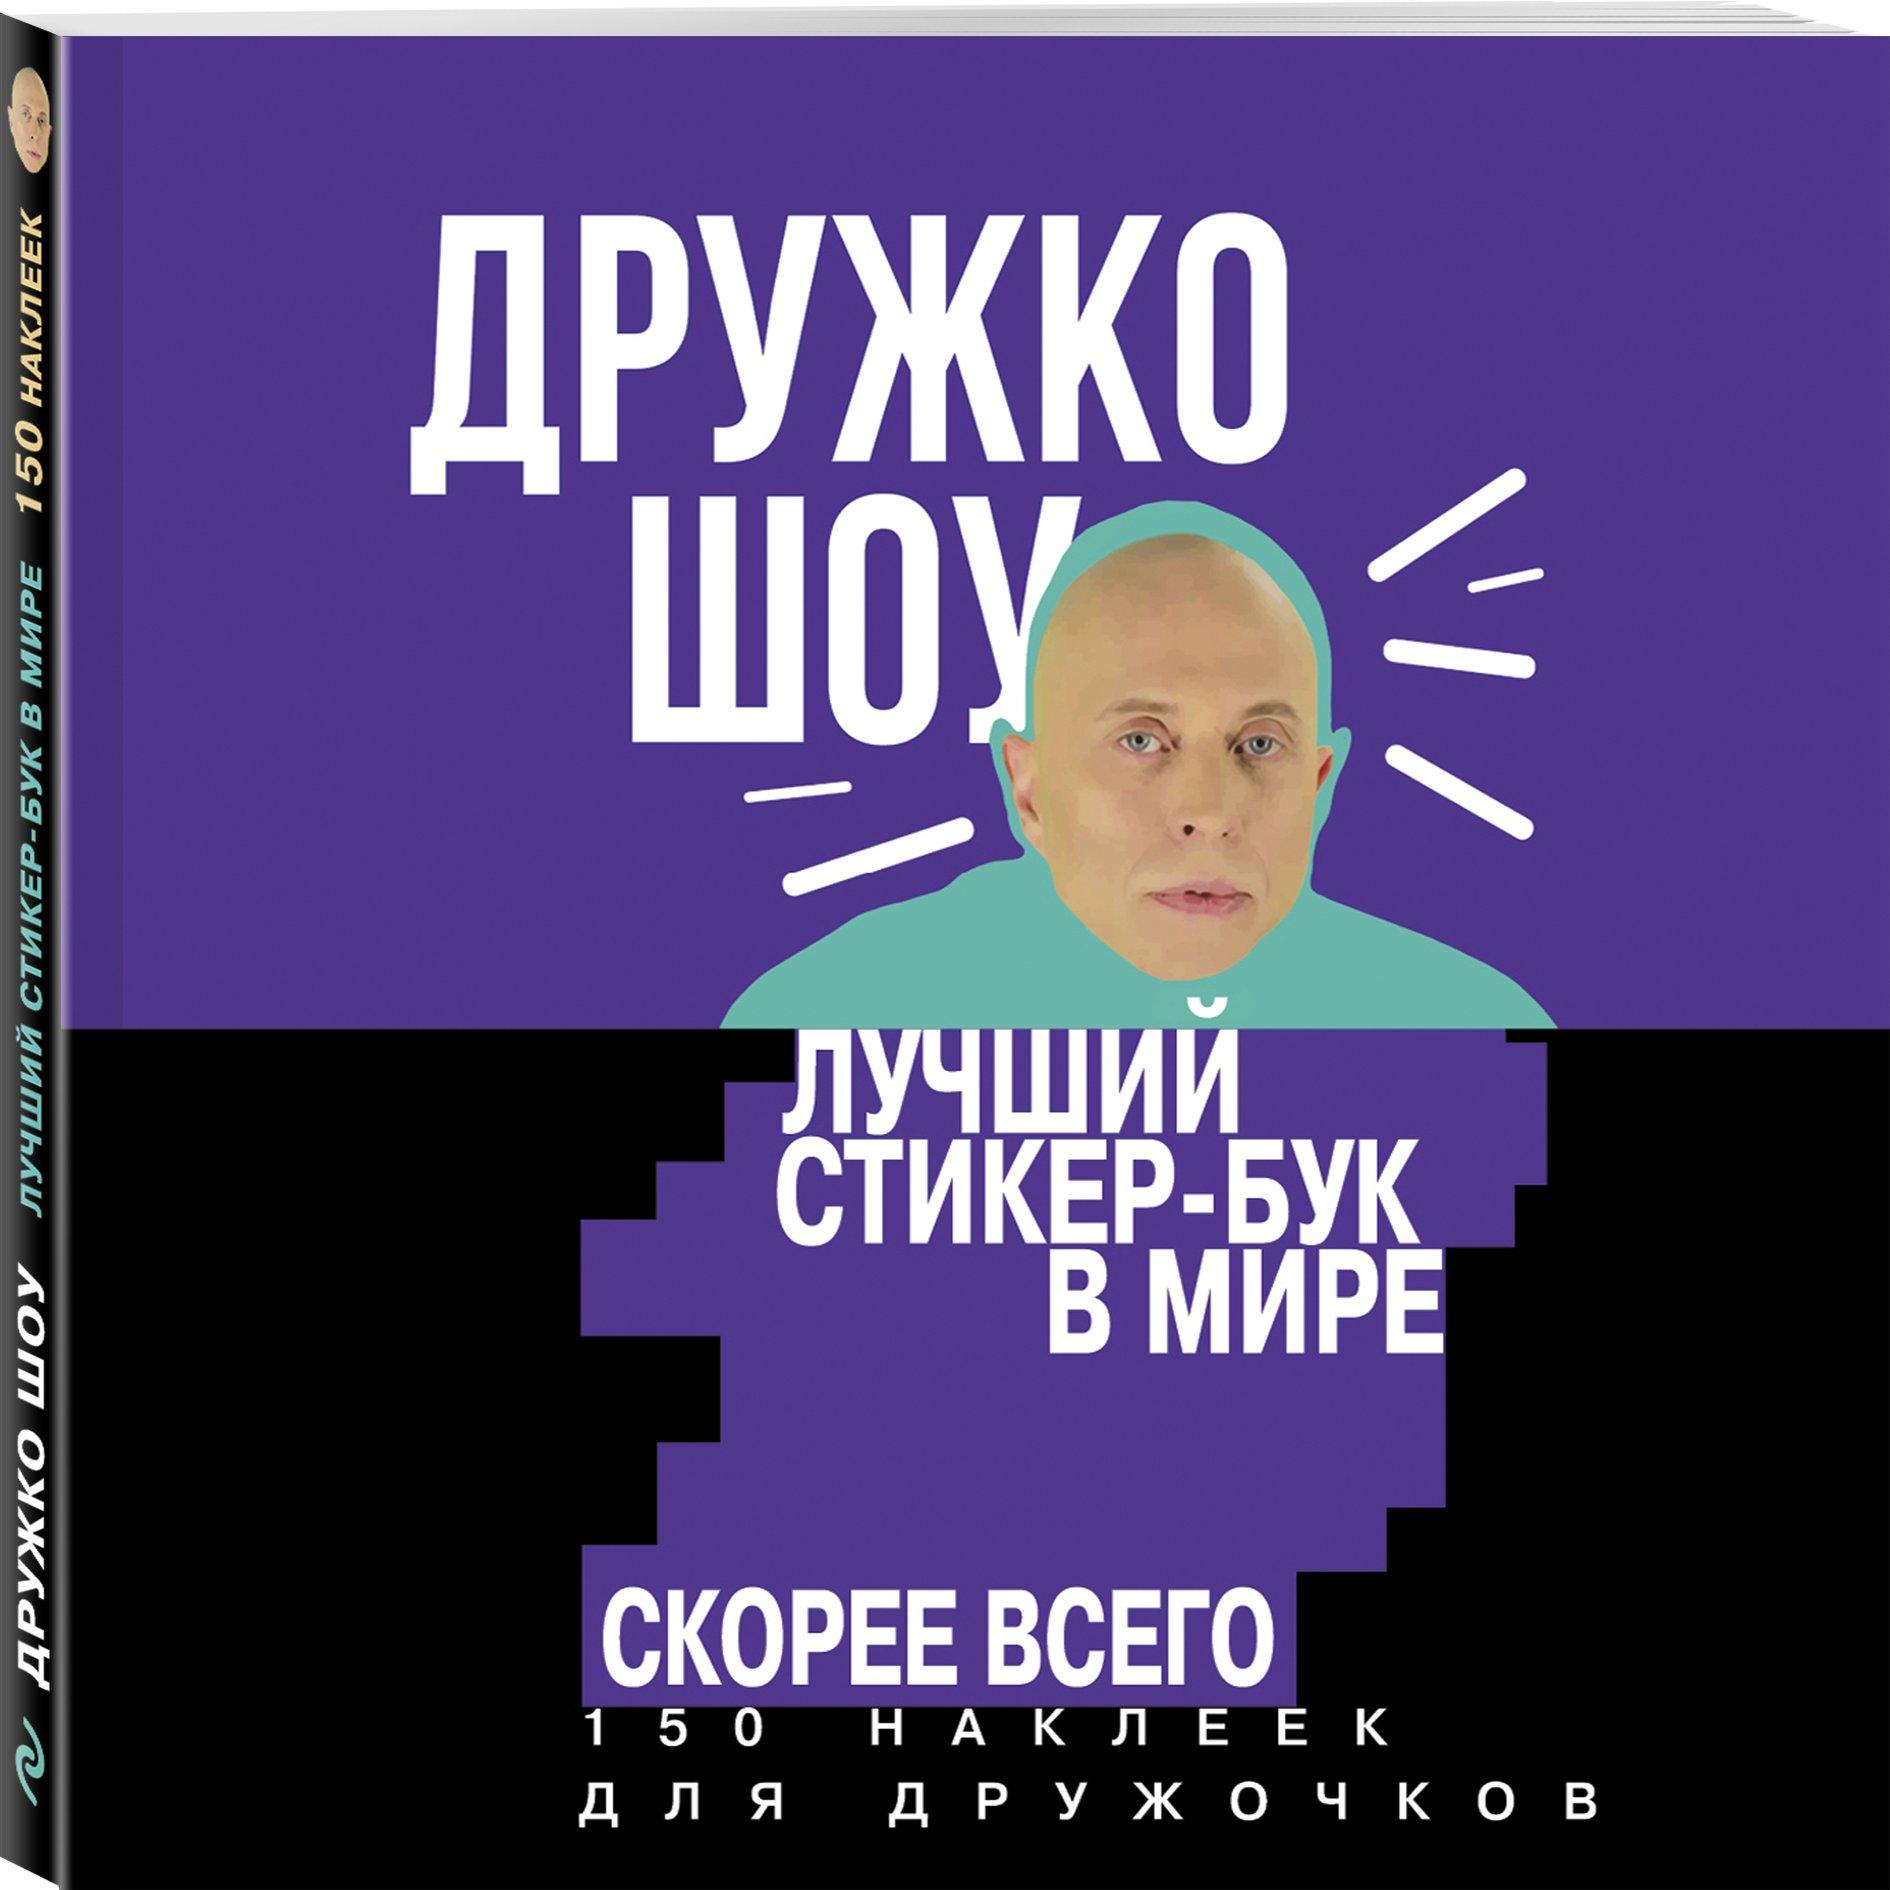 Дружко Сергей Дружко шоу. Лучший стикер-бук в мире. Скорее всего. 150 наклеек для Дружочков